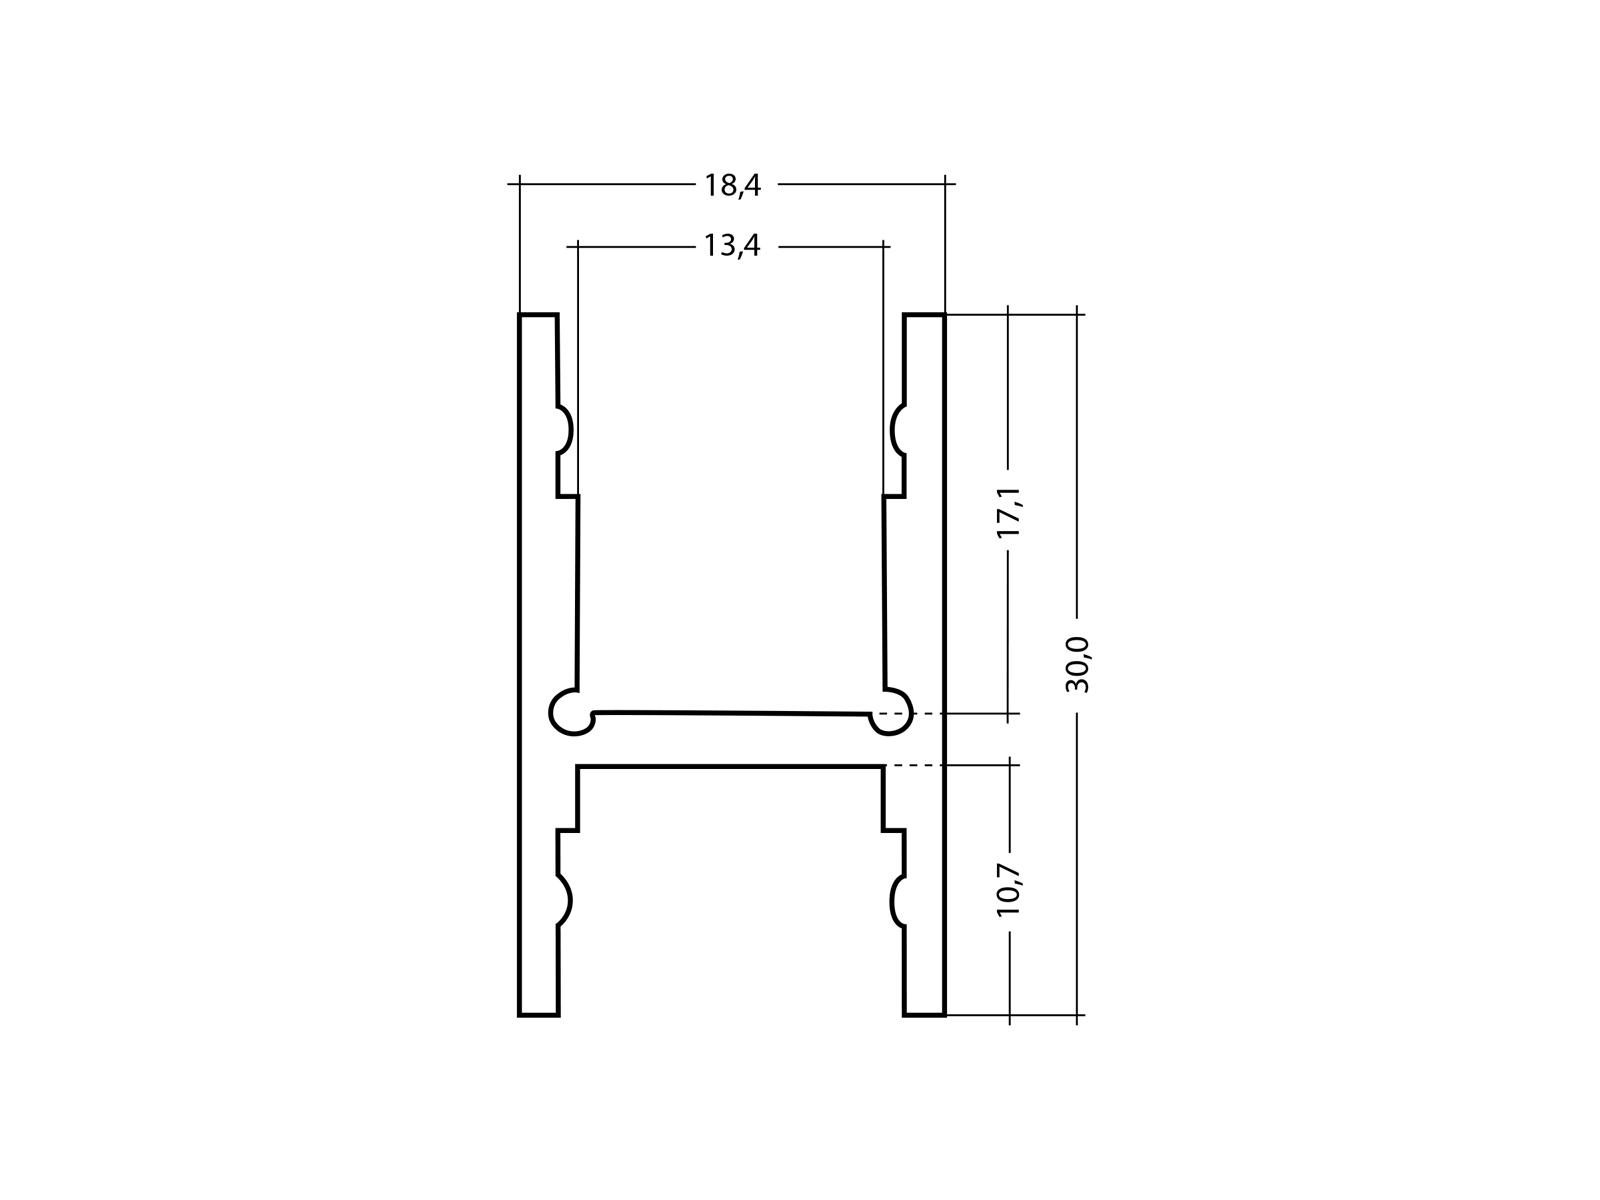 Ordentlich LED Aluprofil für Lichtleisten mit Kabelkanal zur verdeckten Montage IH63